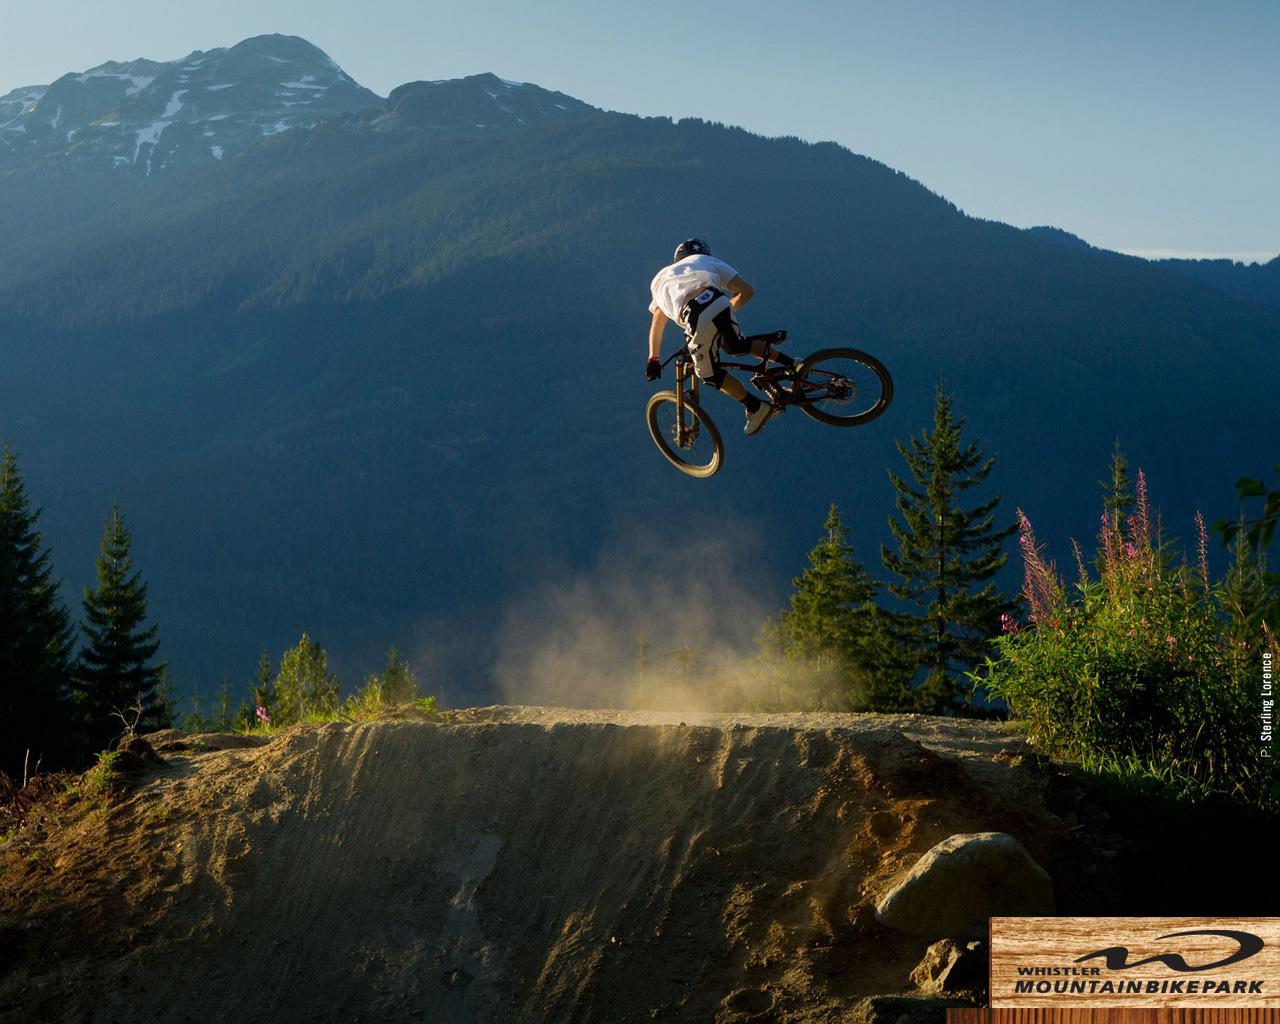 BMW Mountain View >> MTB Wallpaper 1280 x 1024 - WallpaperSafari